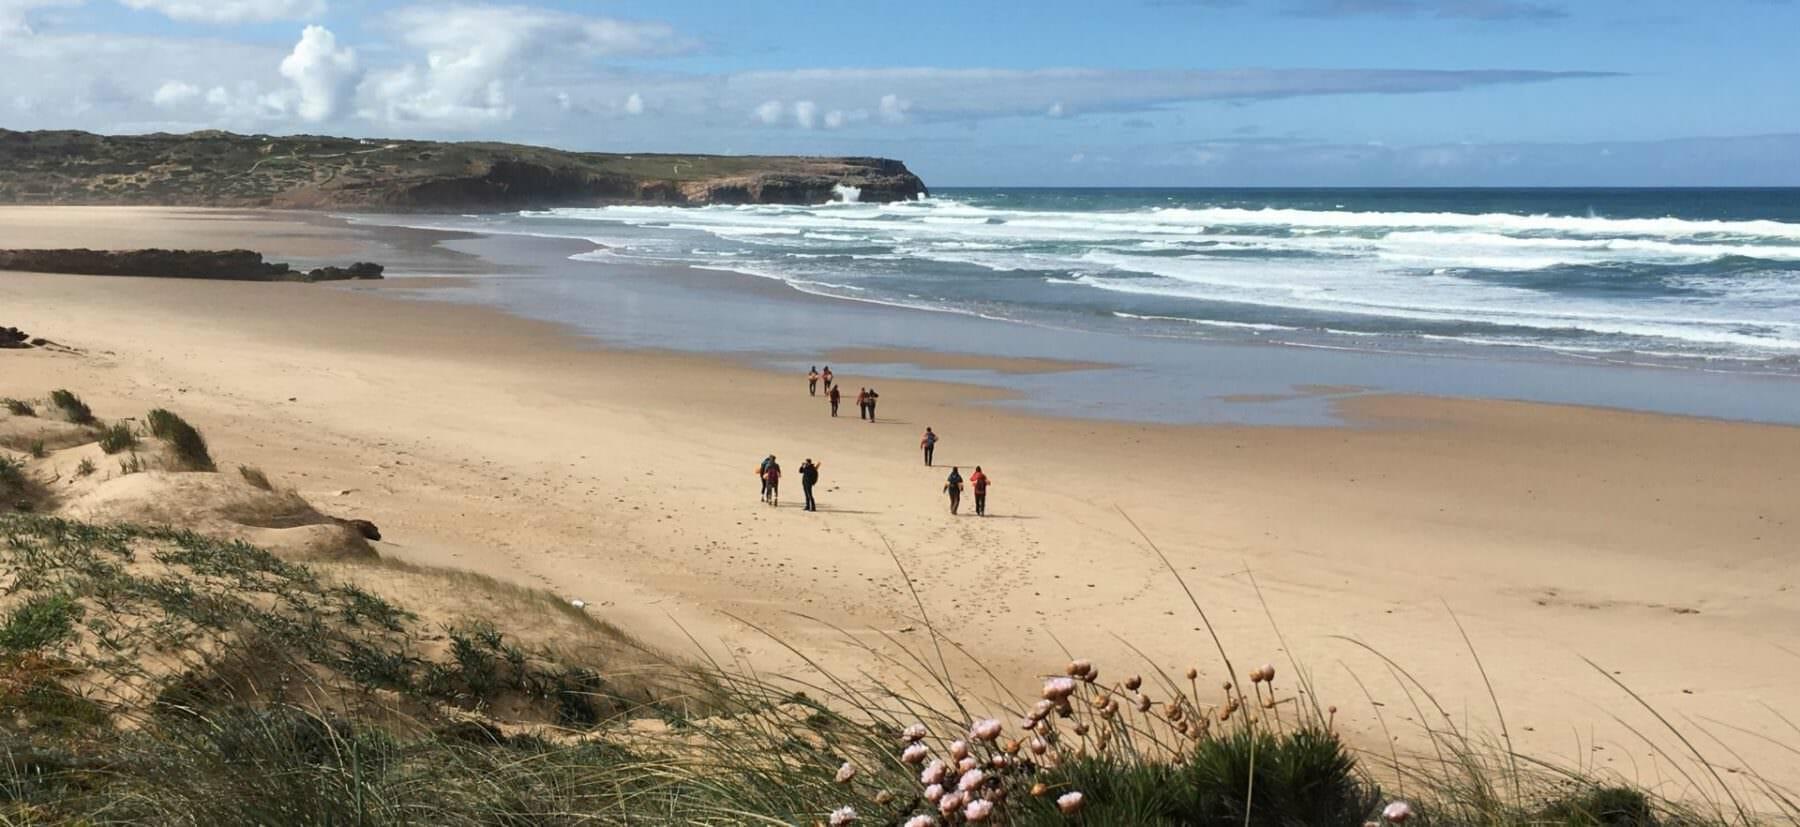 Wandergruppe auf weitem Sandstrand an der Algarve Westküste